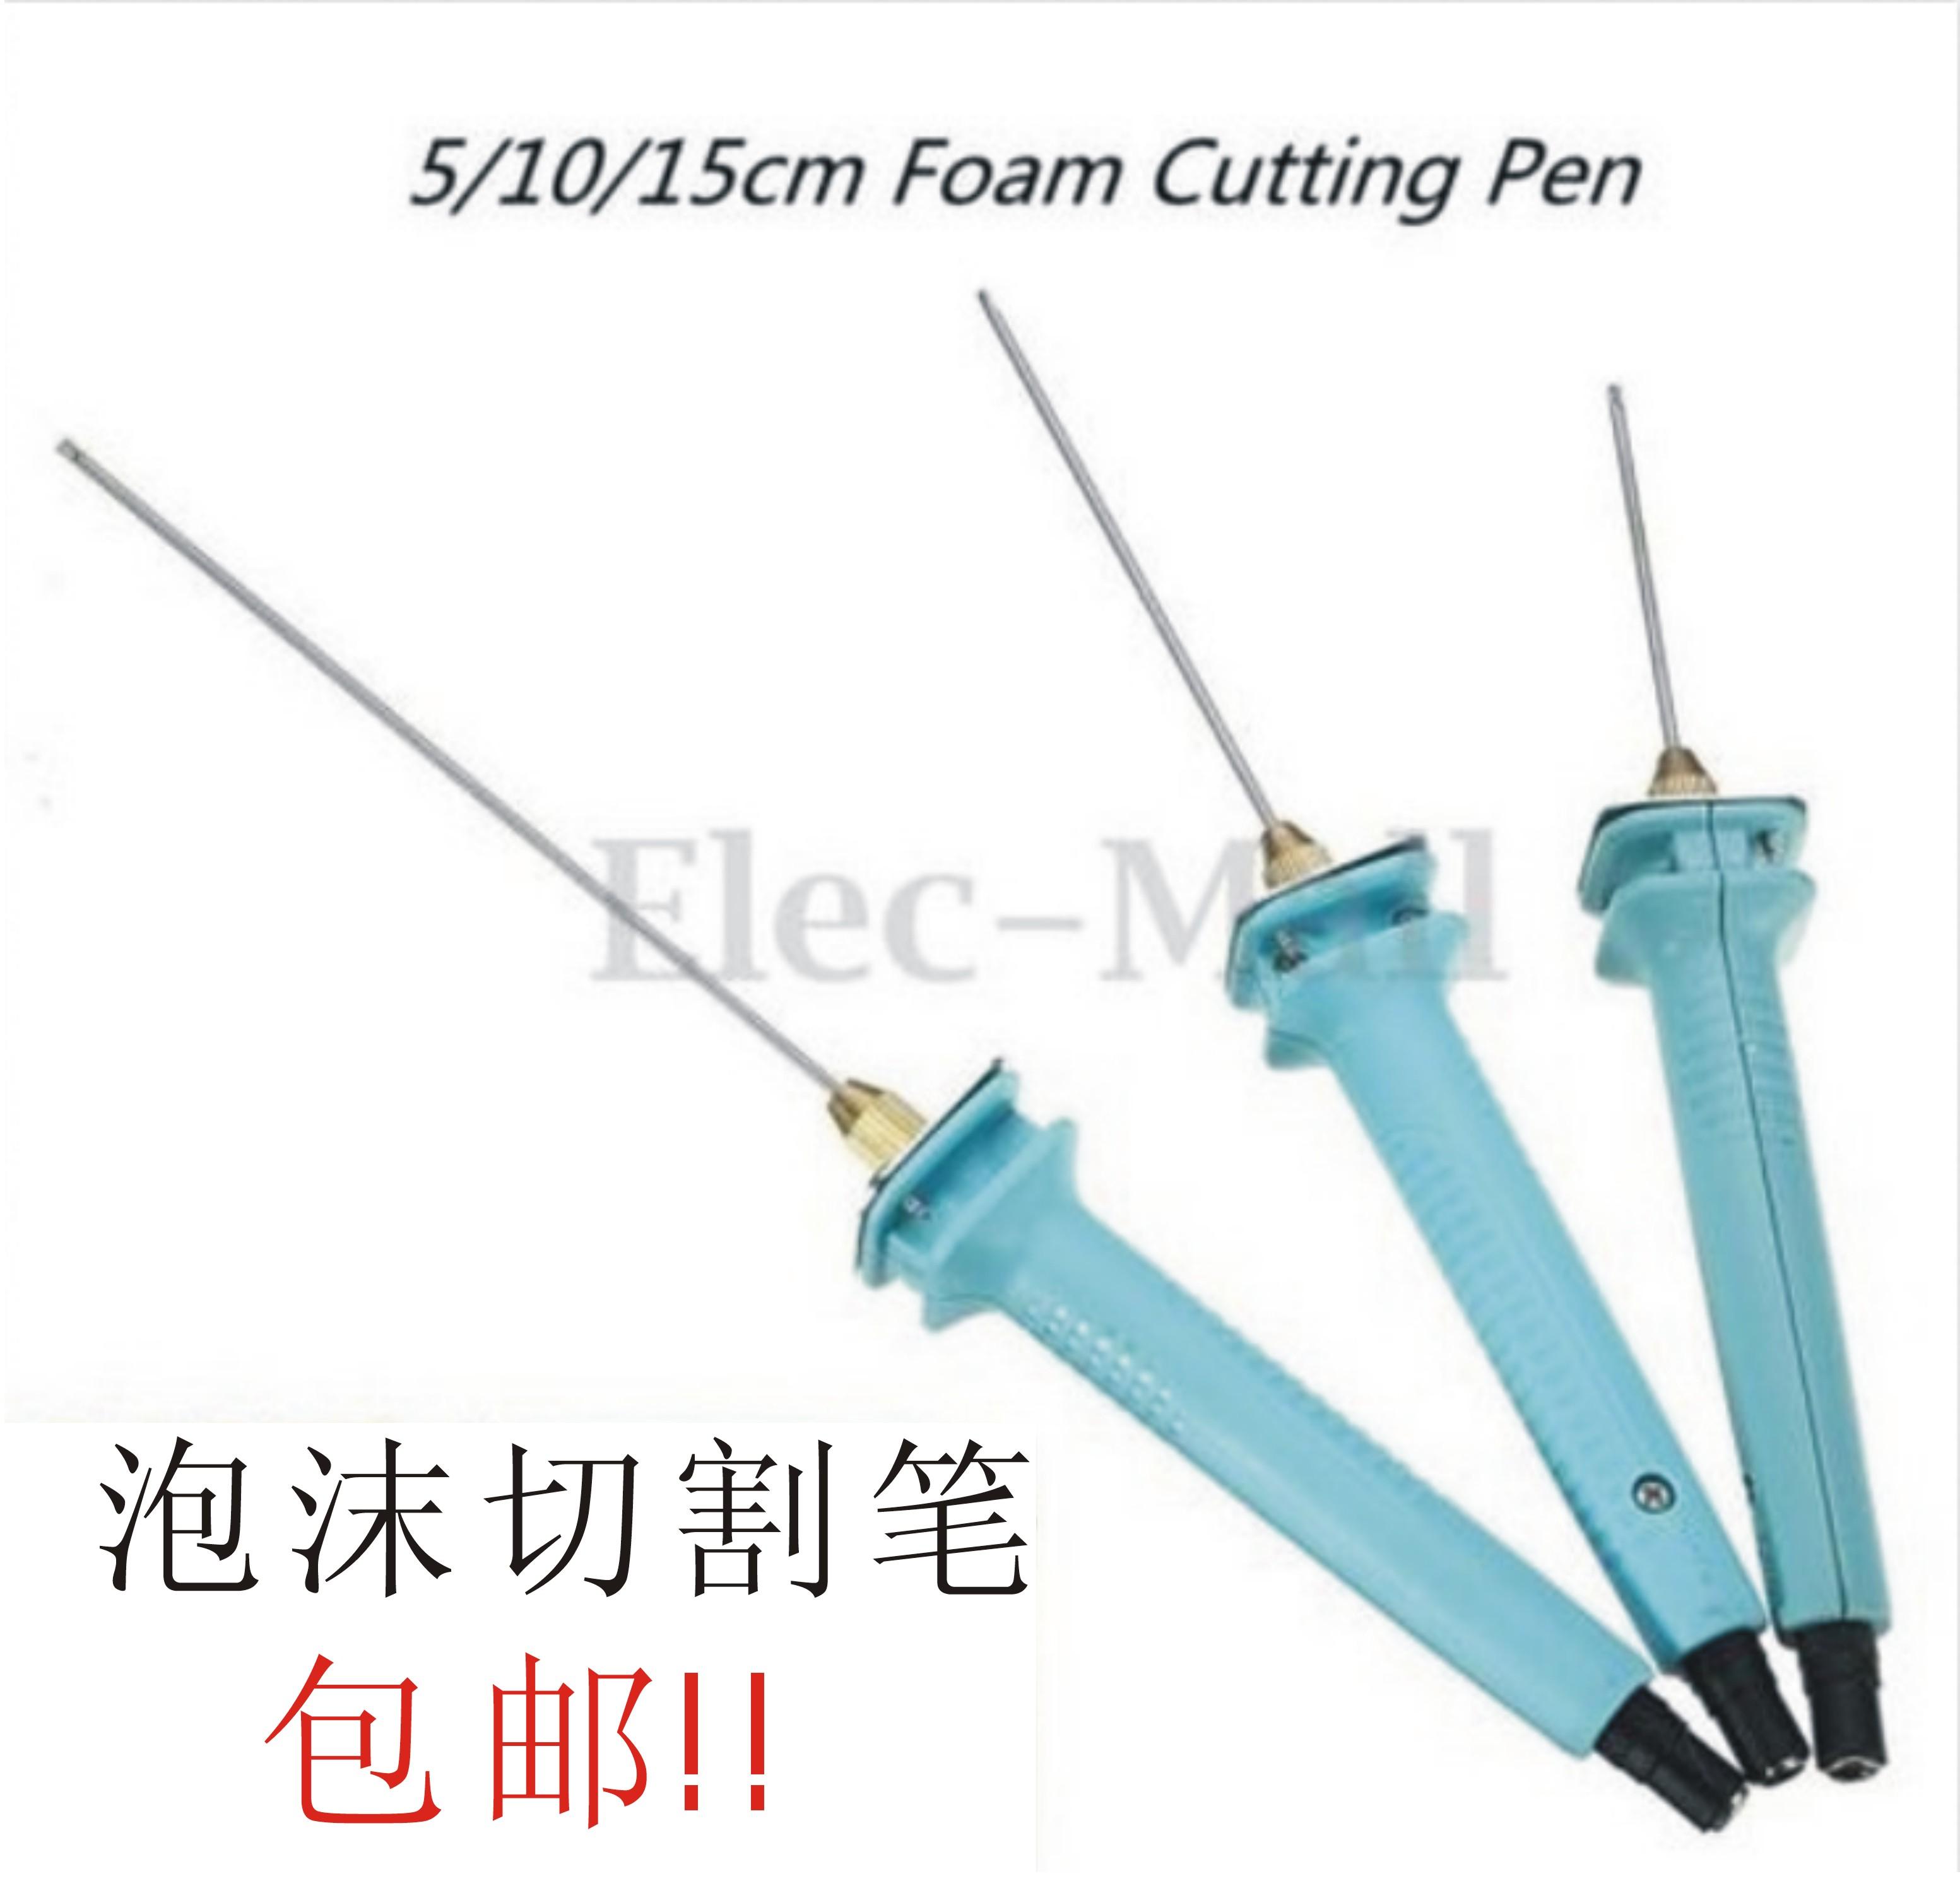 ปากกาไฟฟ้าปากกา Stylus ของเครื่องตัดโฟมเซาะร่องแกะสลักเซาะร่องแบบตัดโฟม EPE KT板ตัด